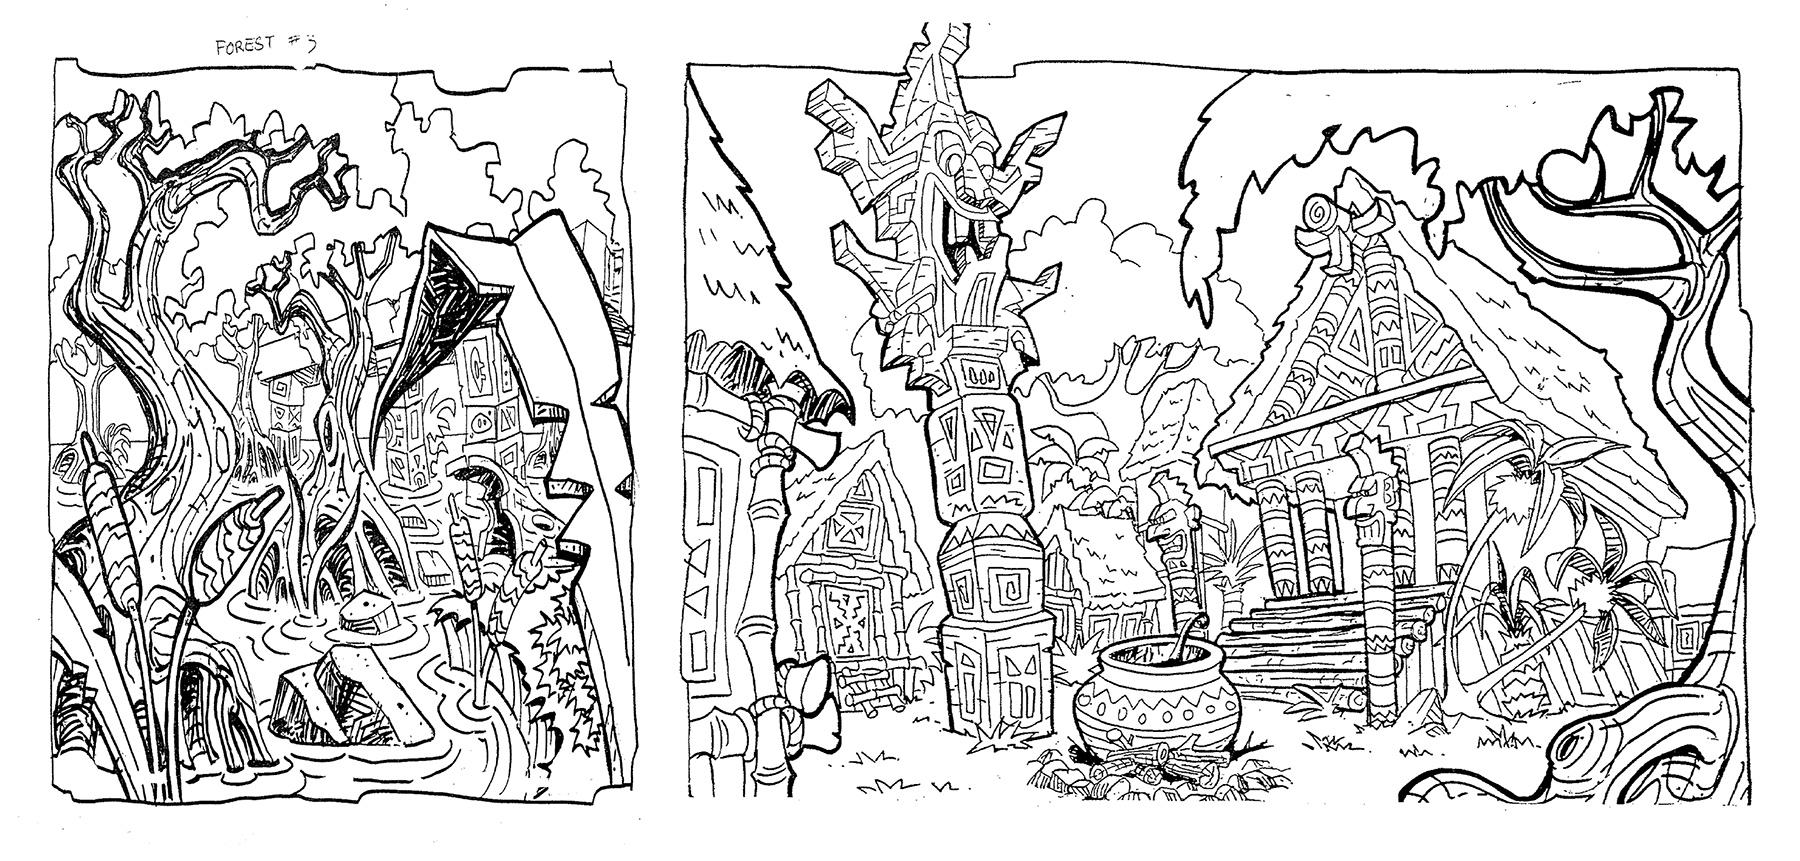 Sketches-ForestVillage-Diptych.jpg